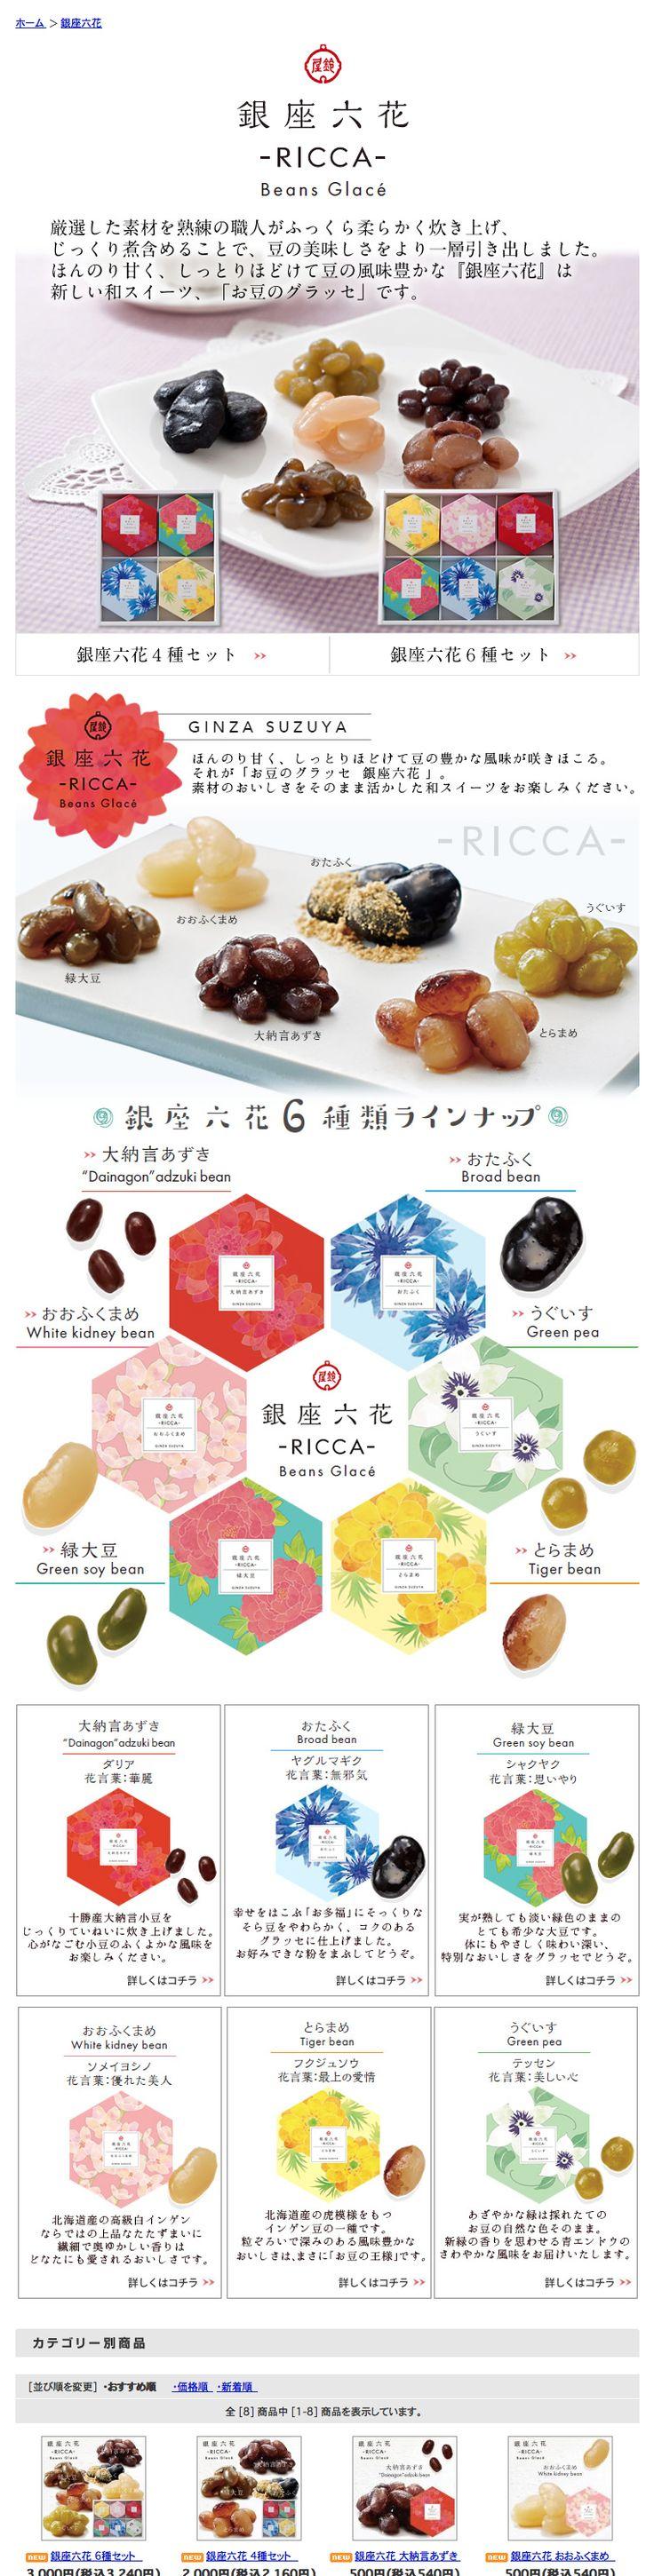 銀座鈴屋【新発売】新しい和スイーツ お豆のグラッセ「銀座六花」